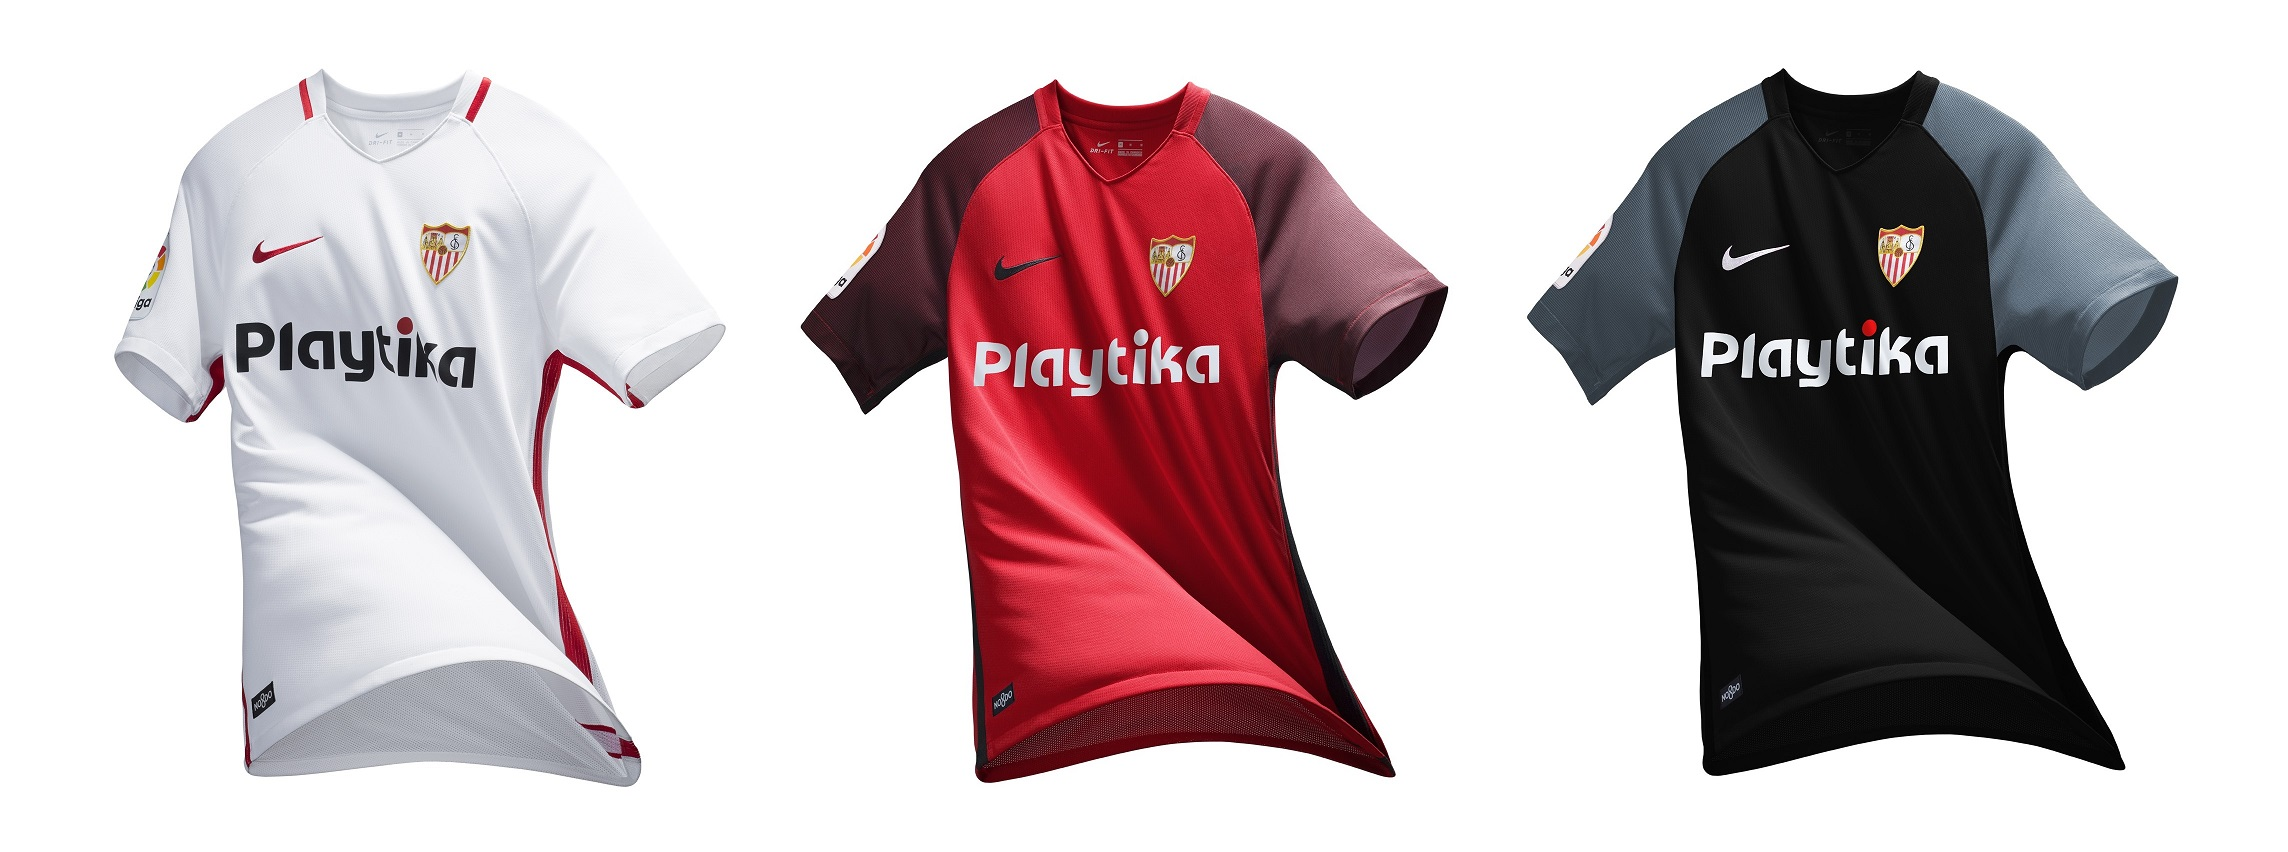 8e03267a45 Las tres equipaciones del Sevilla (SFC).